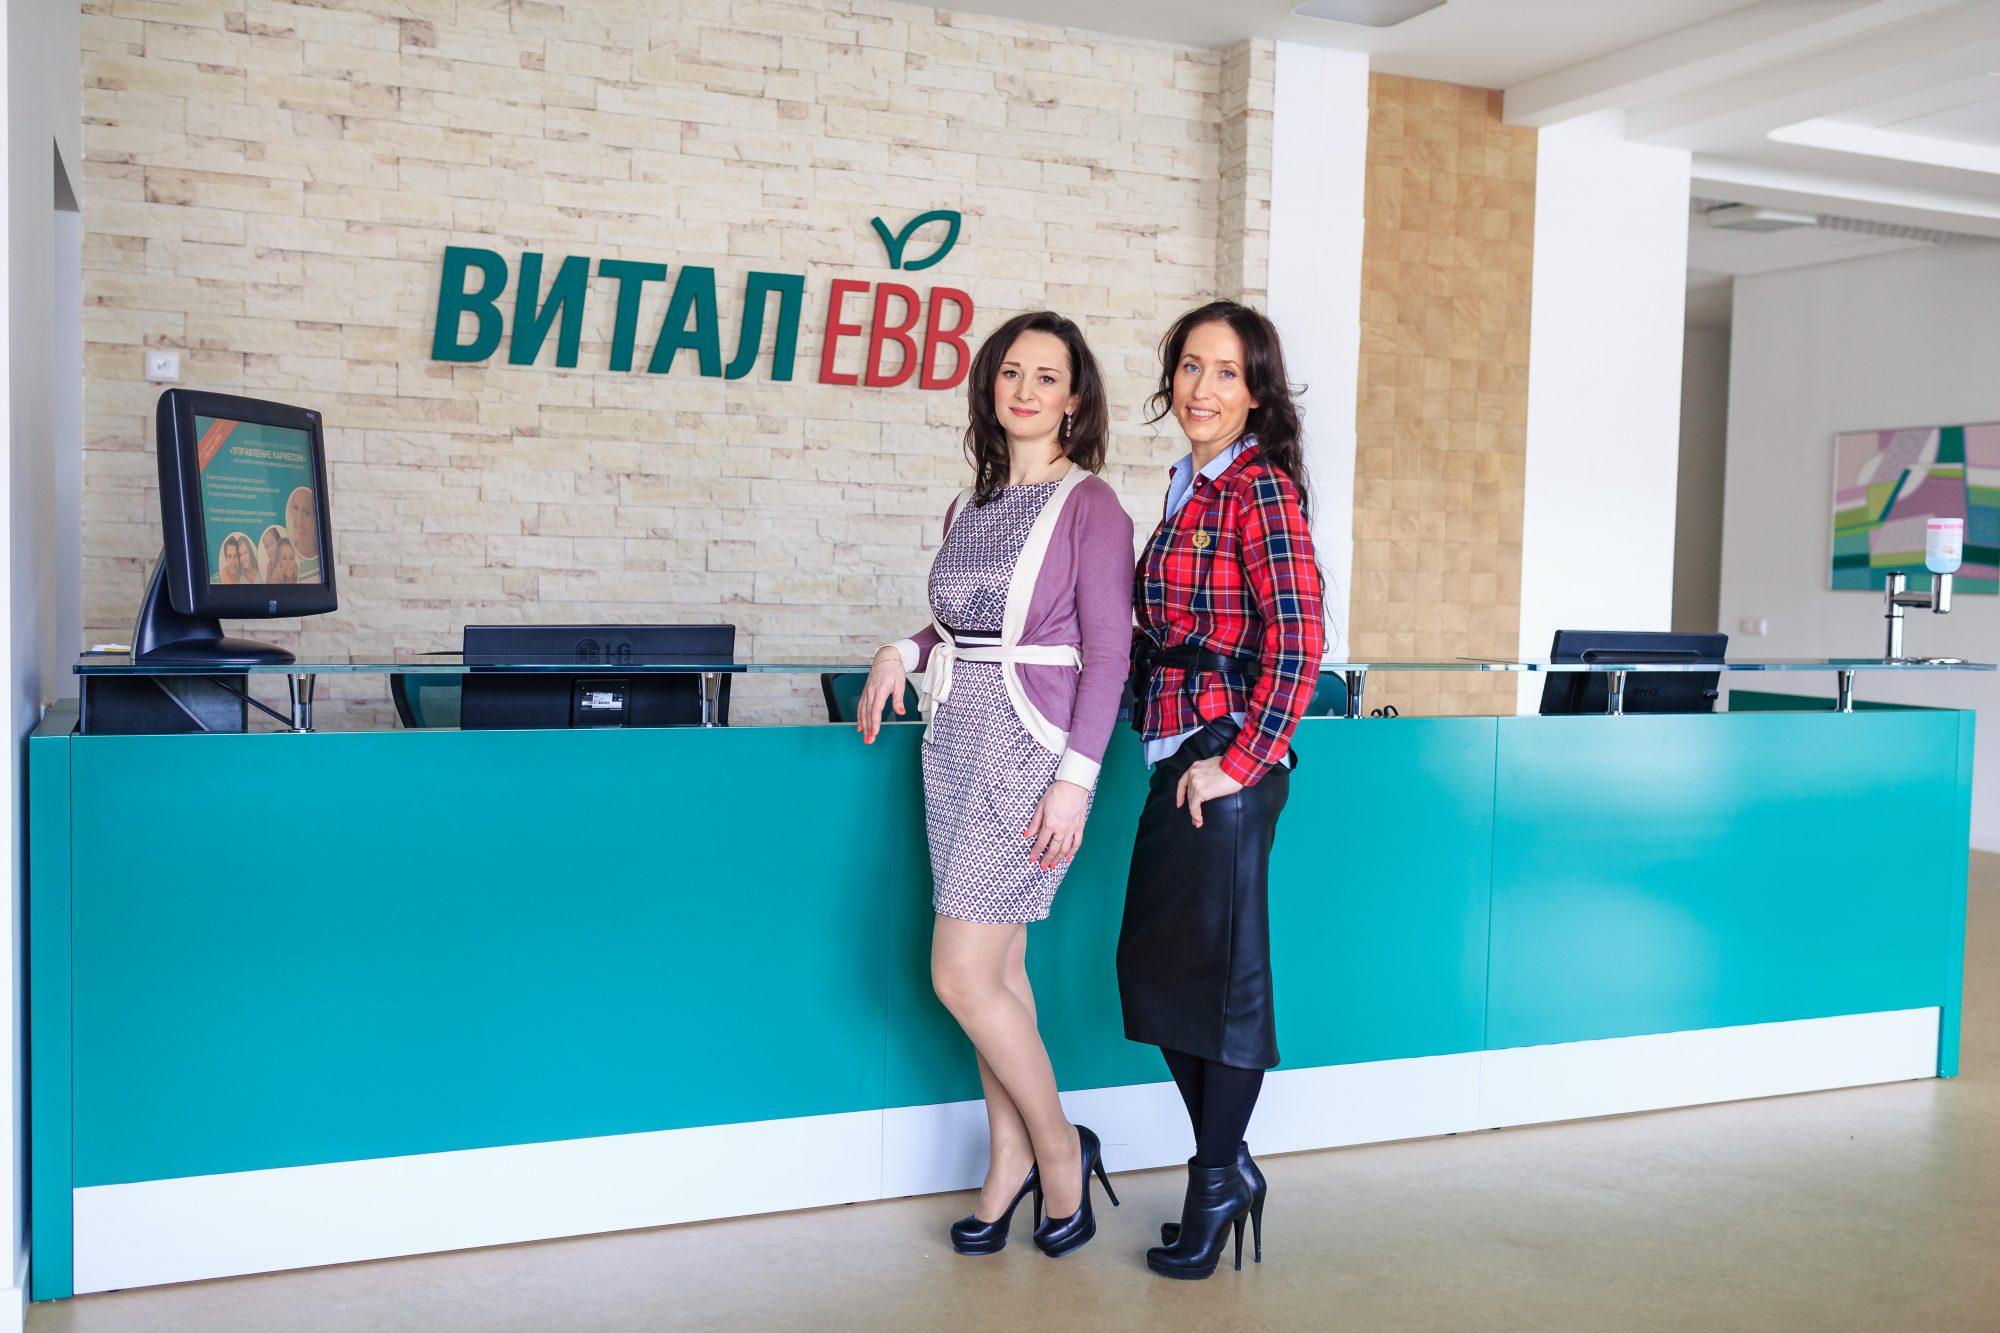 Сегодня завершилось строительство стоматологического центра ВиталЕВВ